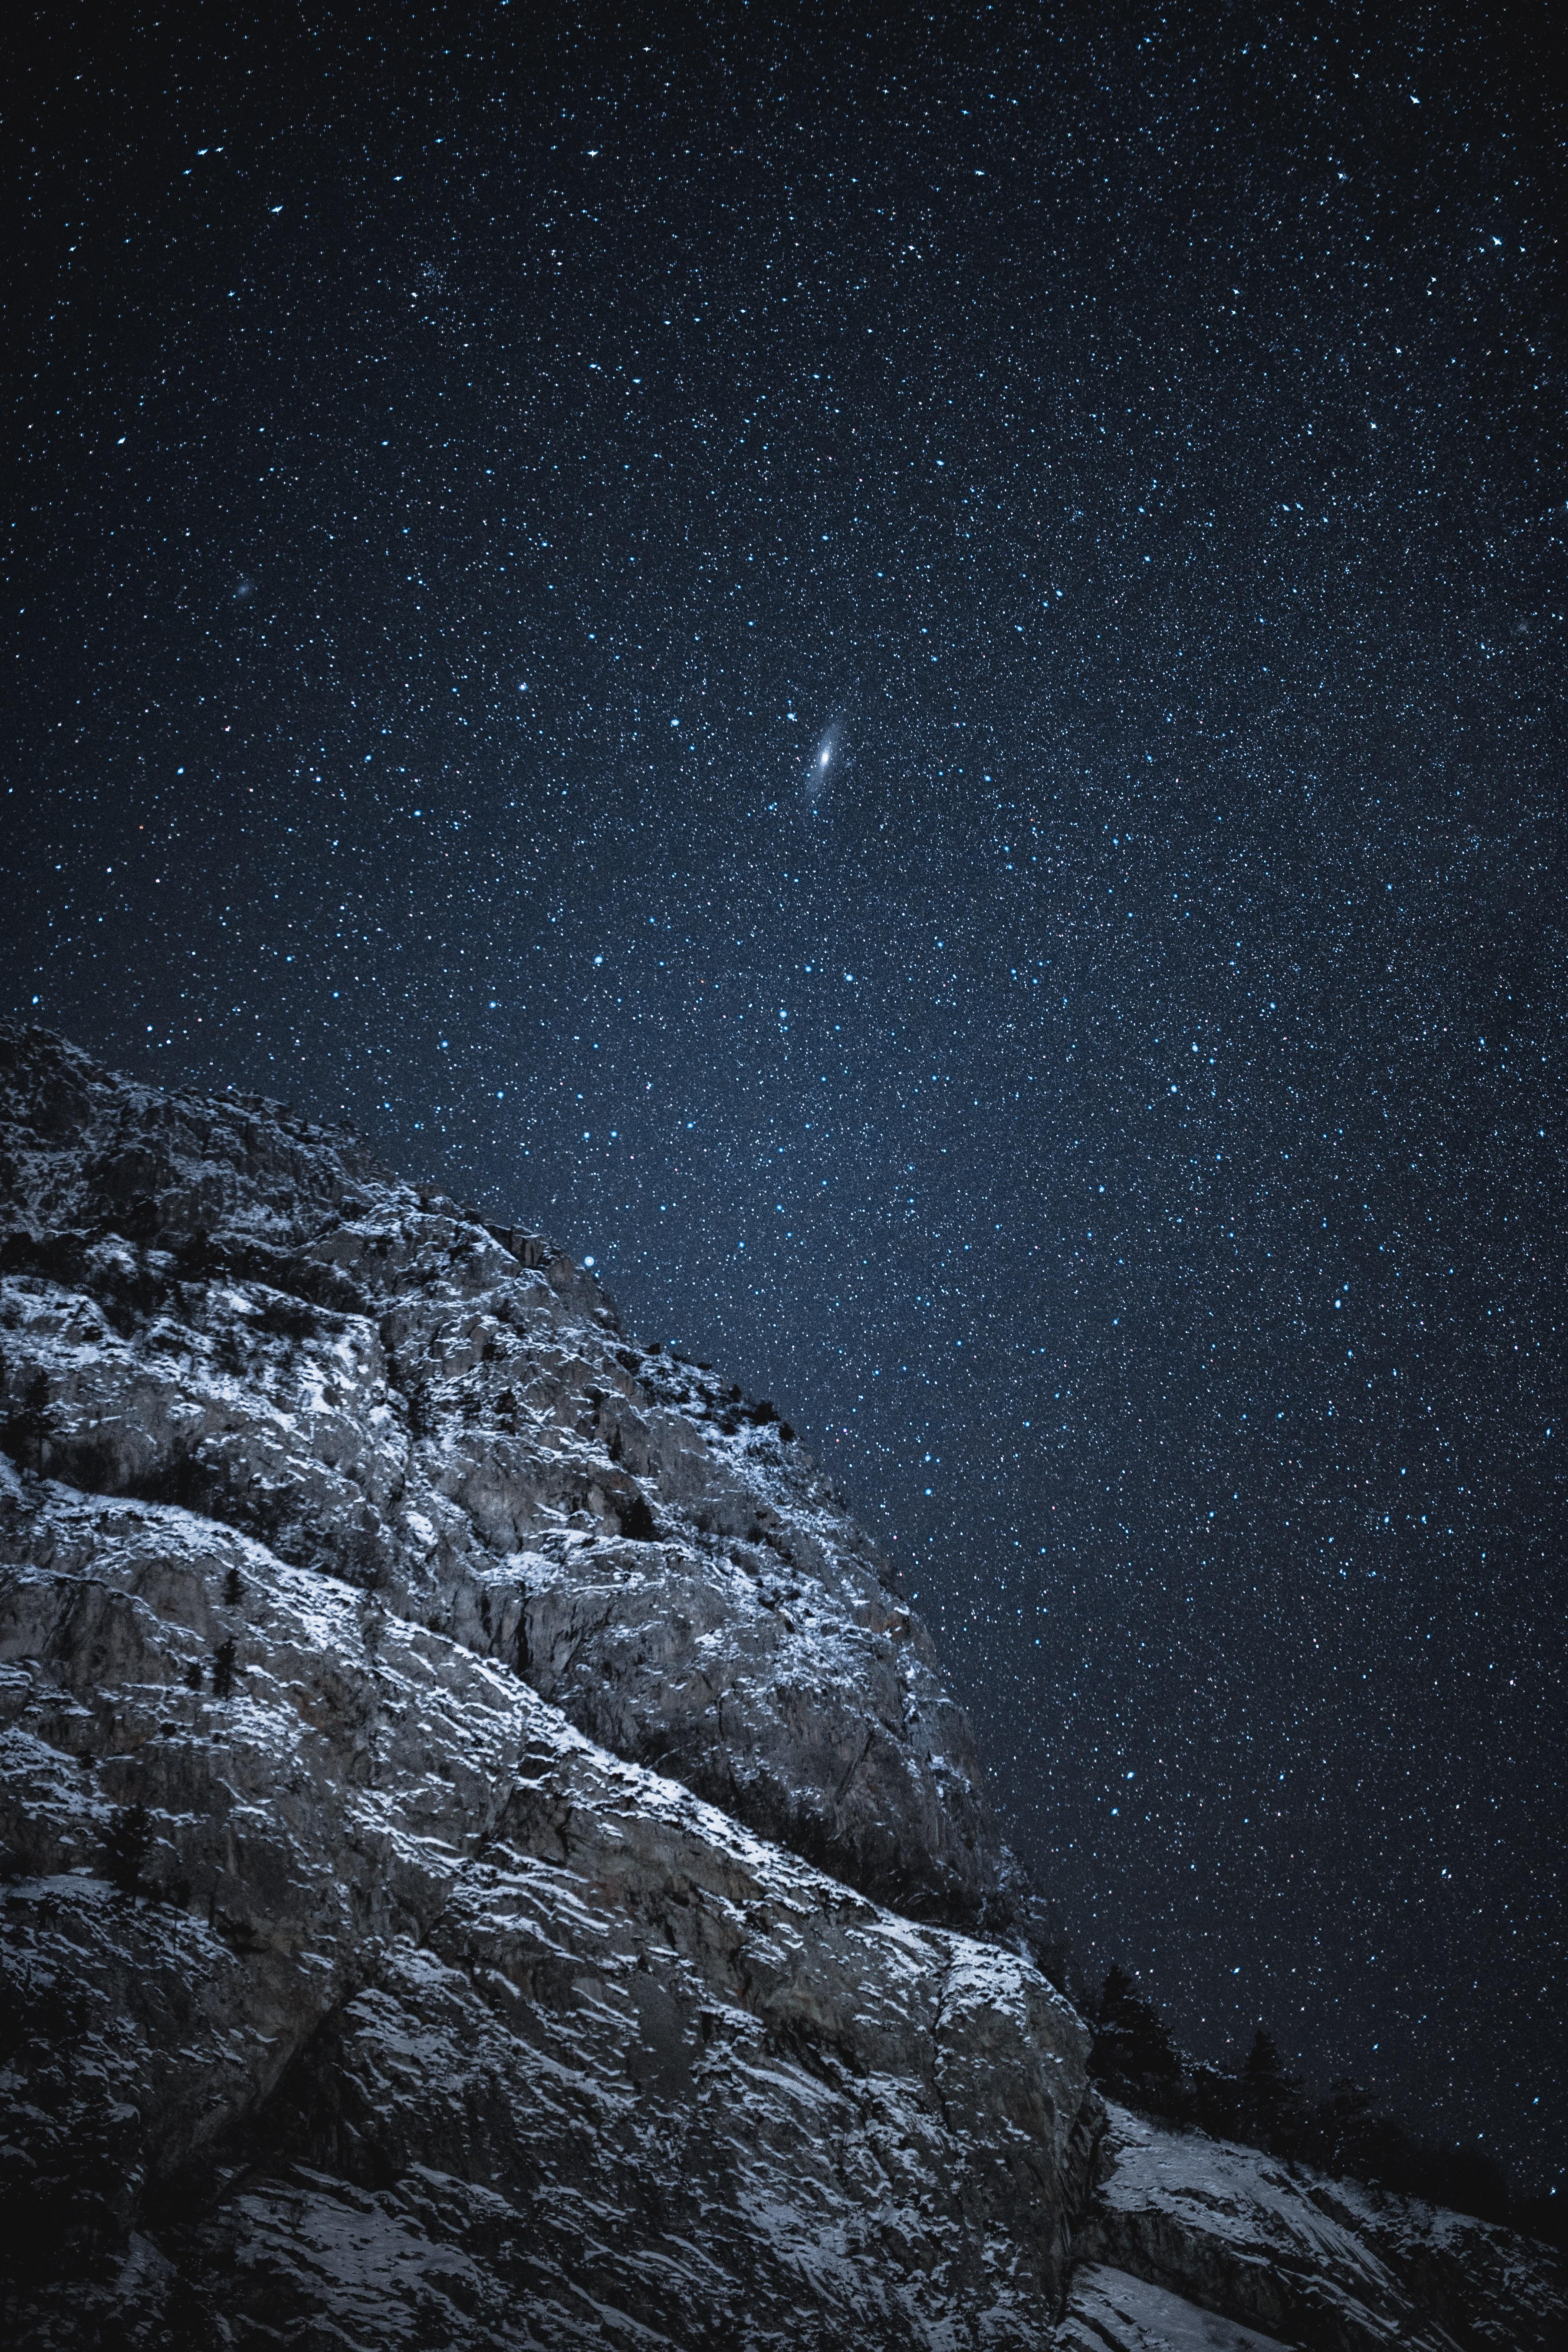 153734 скачать обои Темные, Скала, Звездное Небо, Ночь, Темный, Звезды - заставки и картинки бесплатно